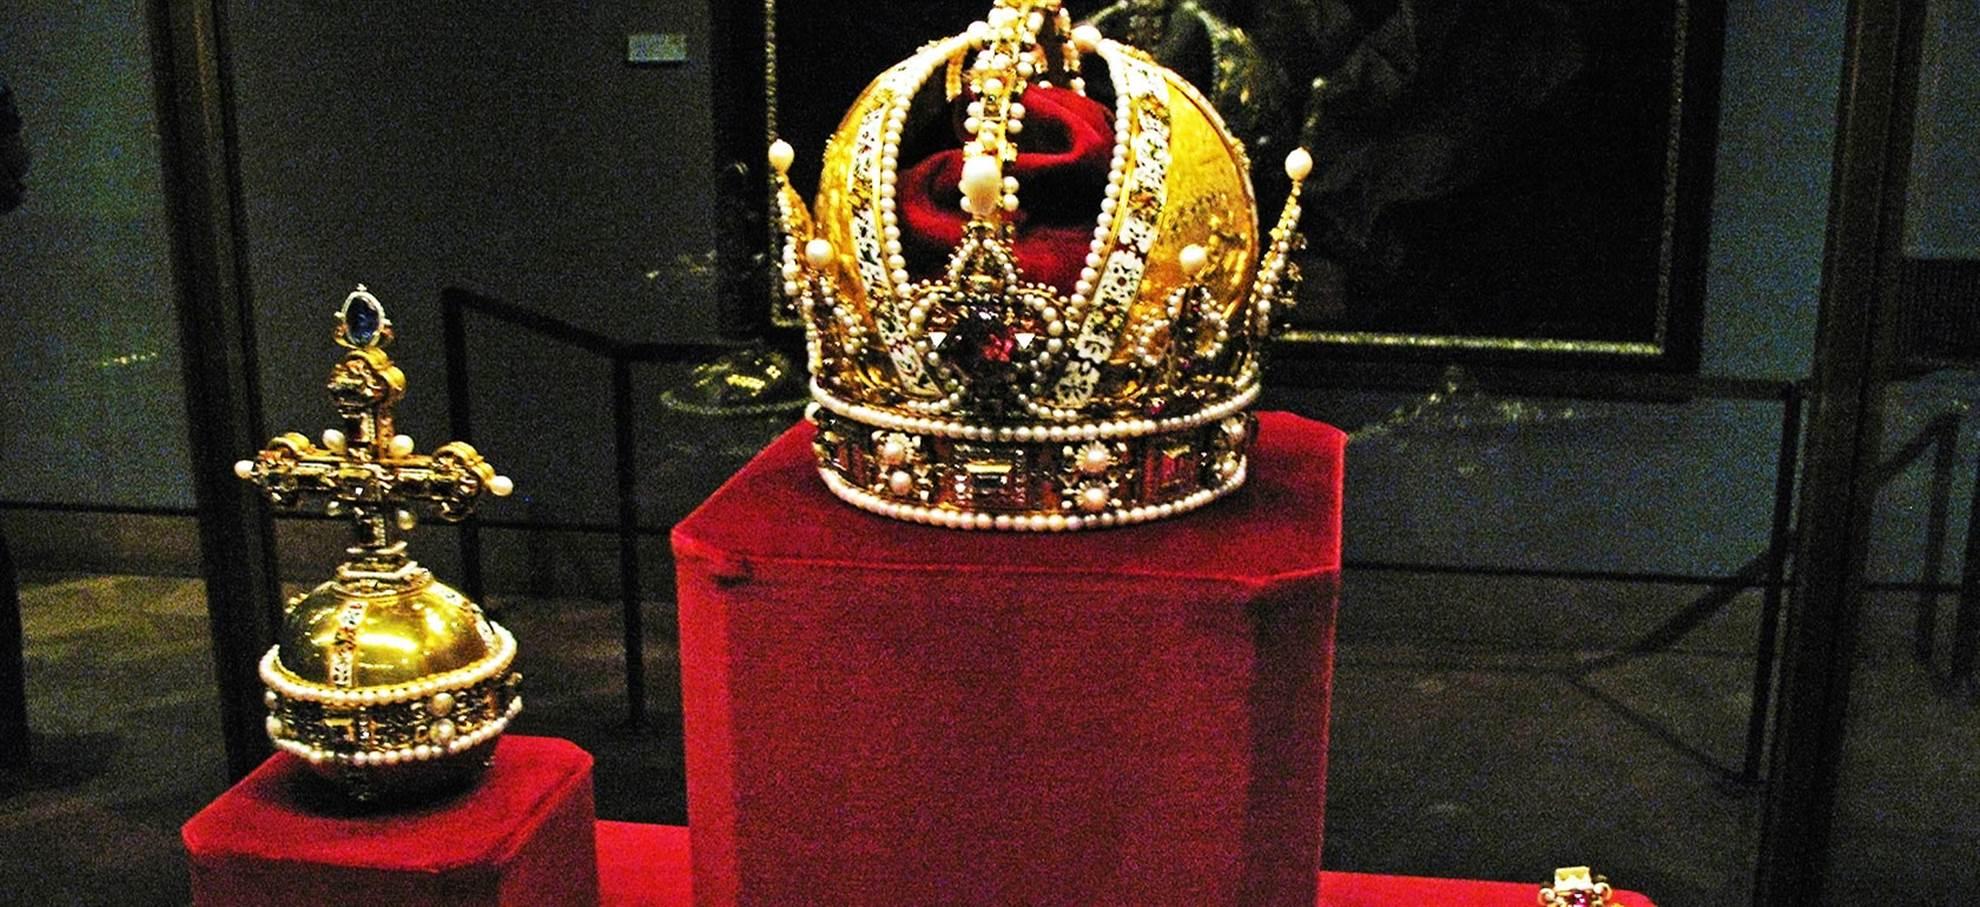 Trésor impérial de Vienne